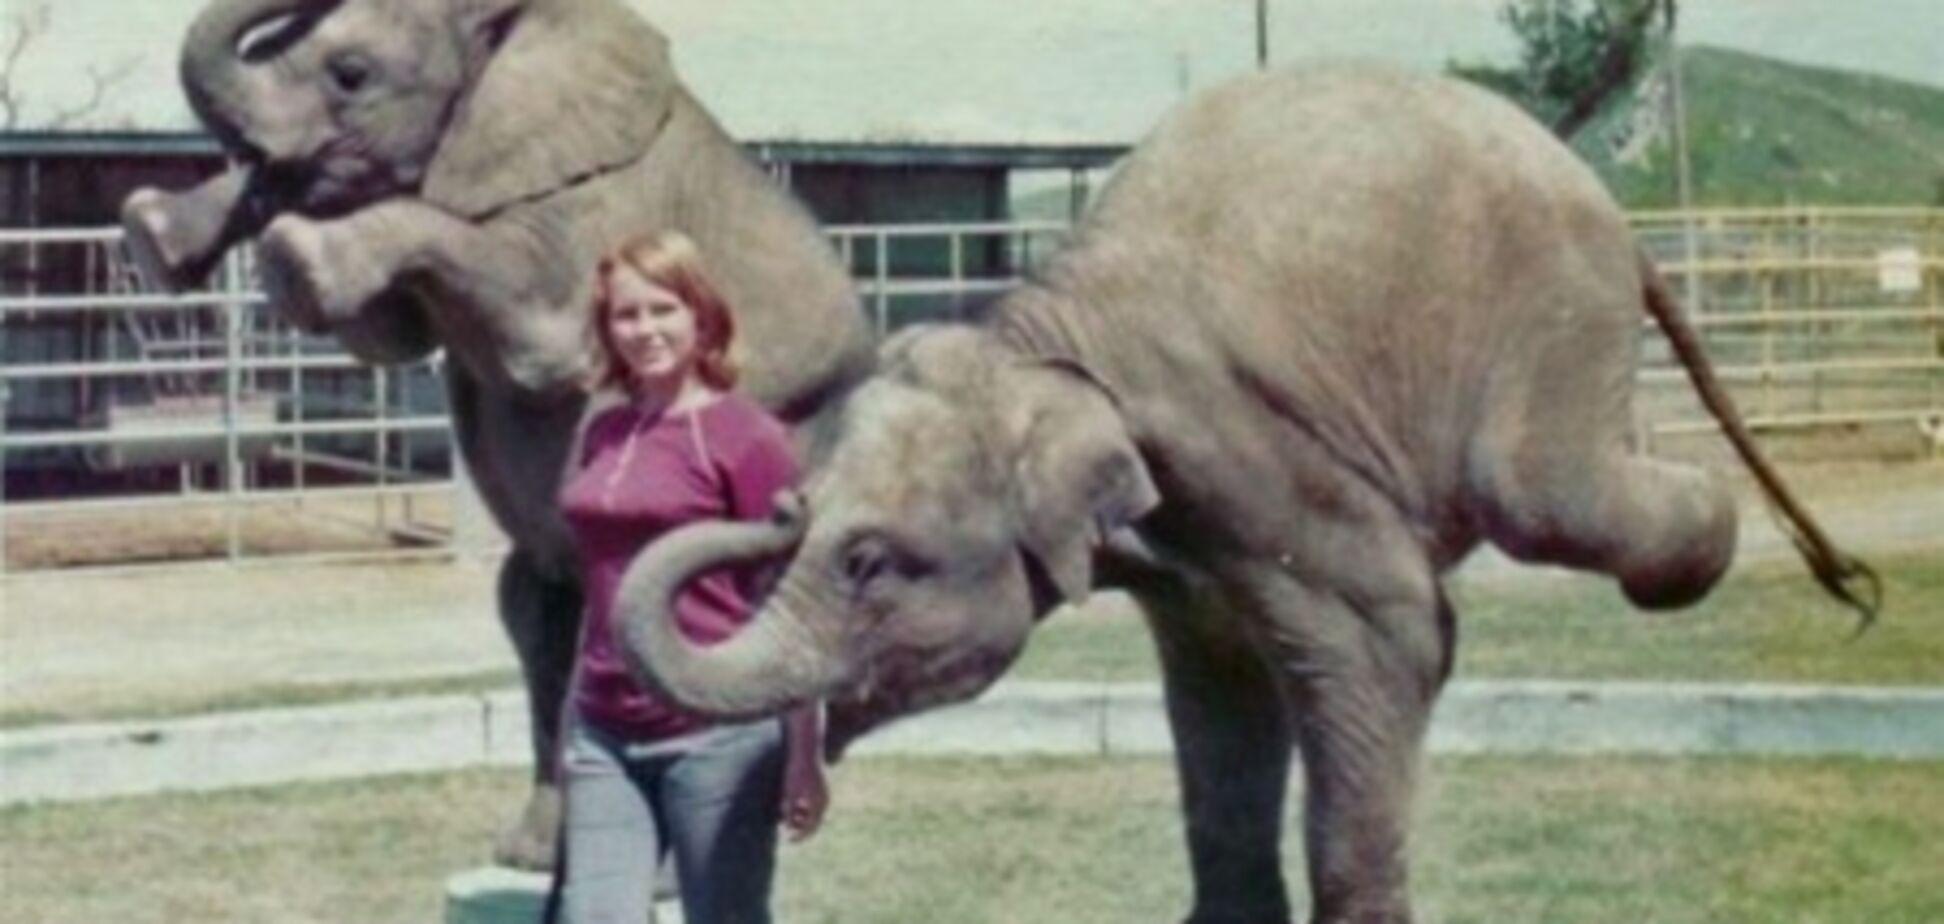 Циркових слонів від холоду рятують горілкою